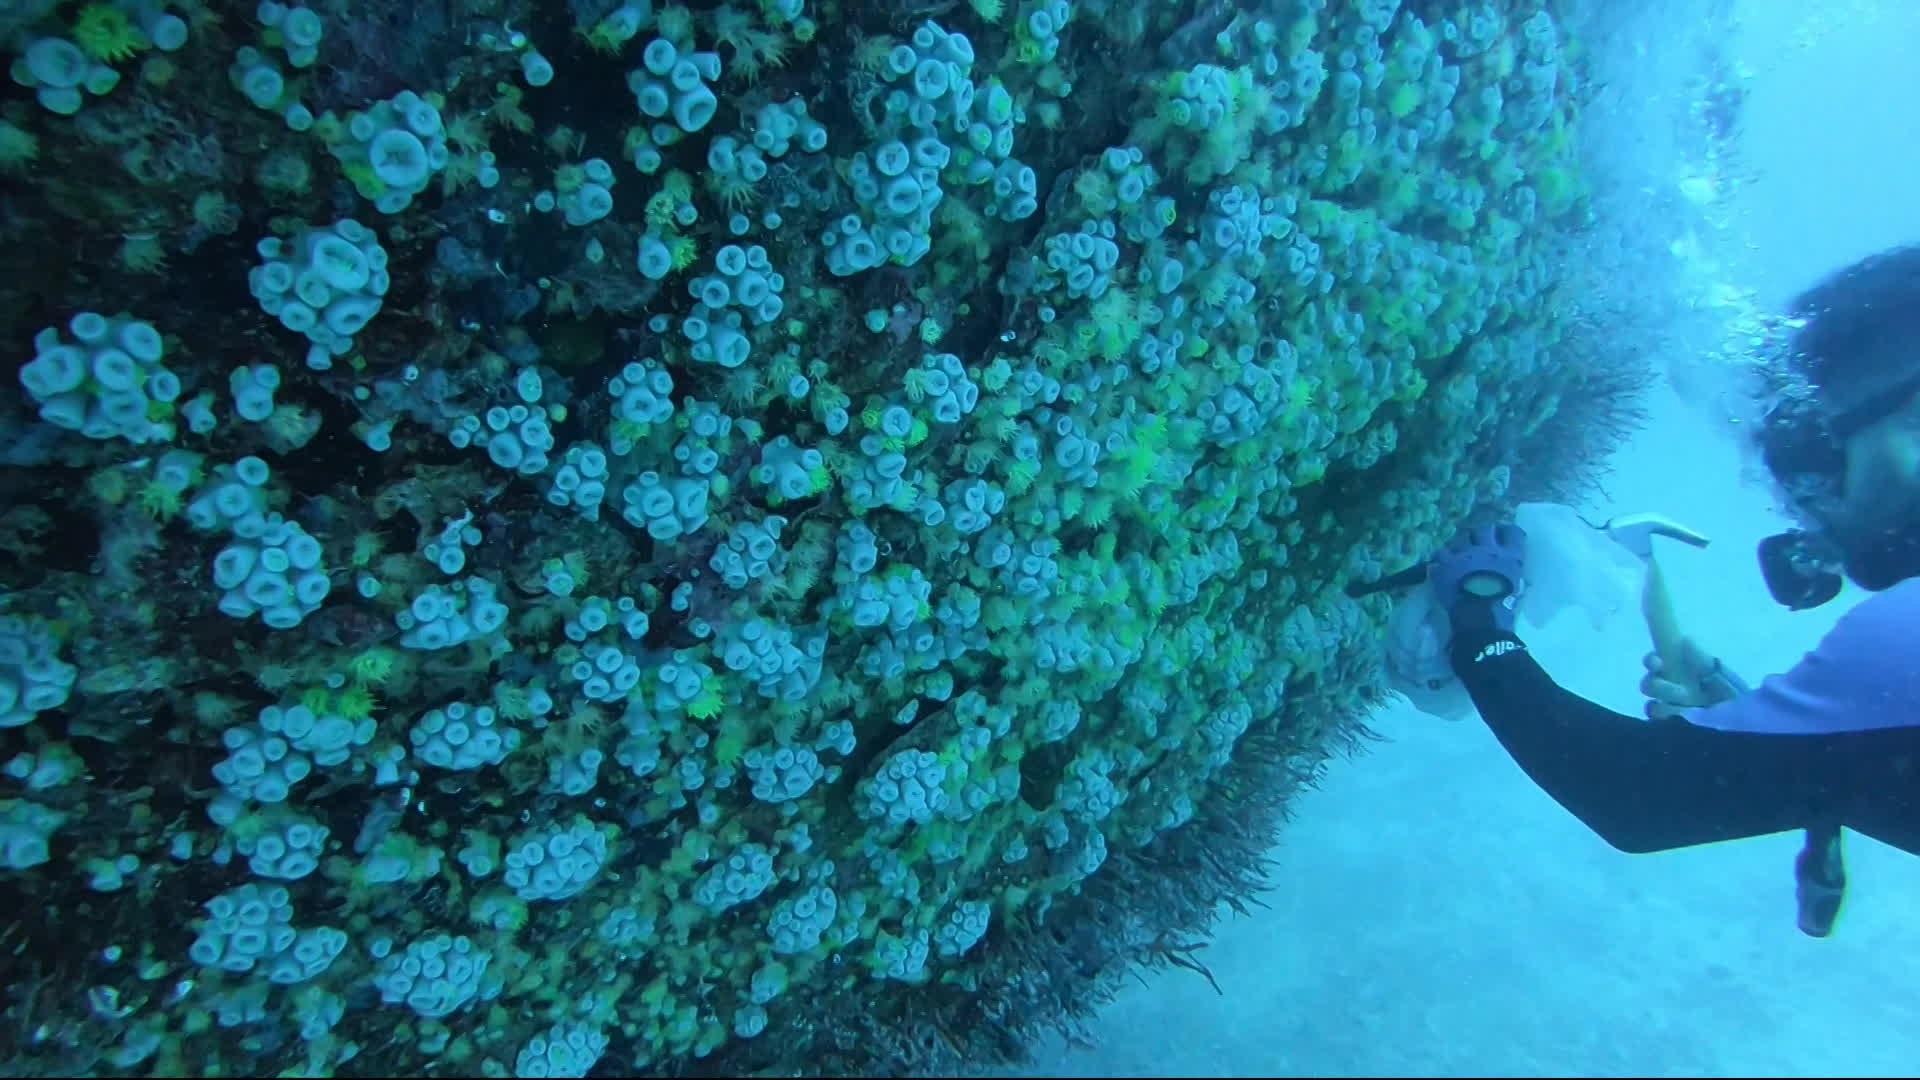 Expedição retira coral-sol de navios naufragados no litoral pernambucano devido a ameaças à biodiversidade do oceano